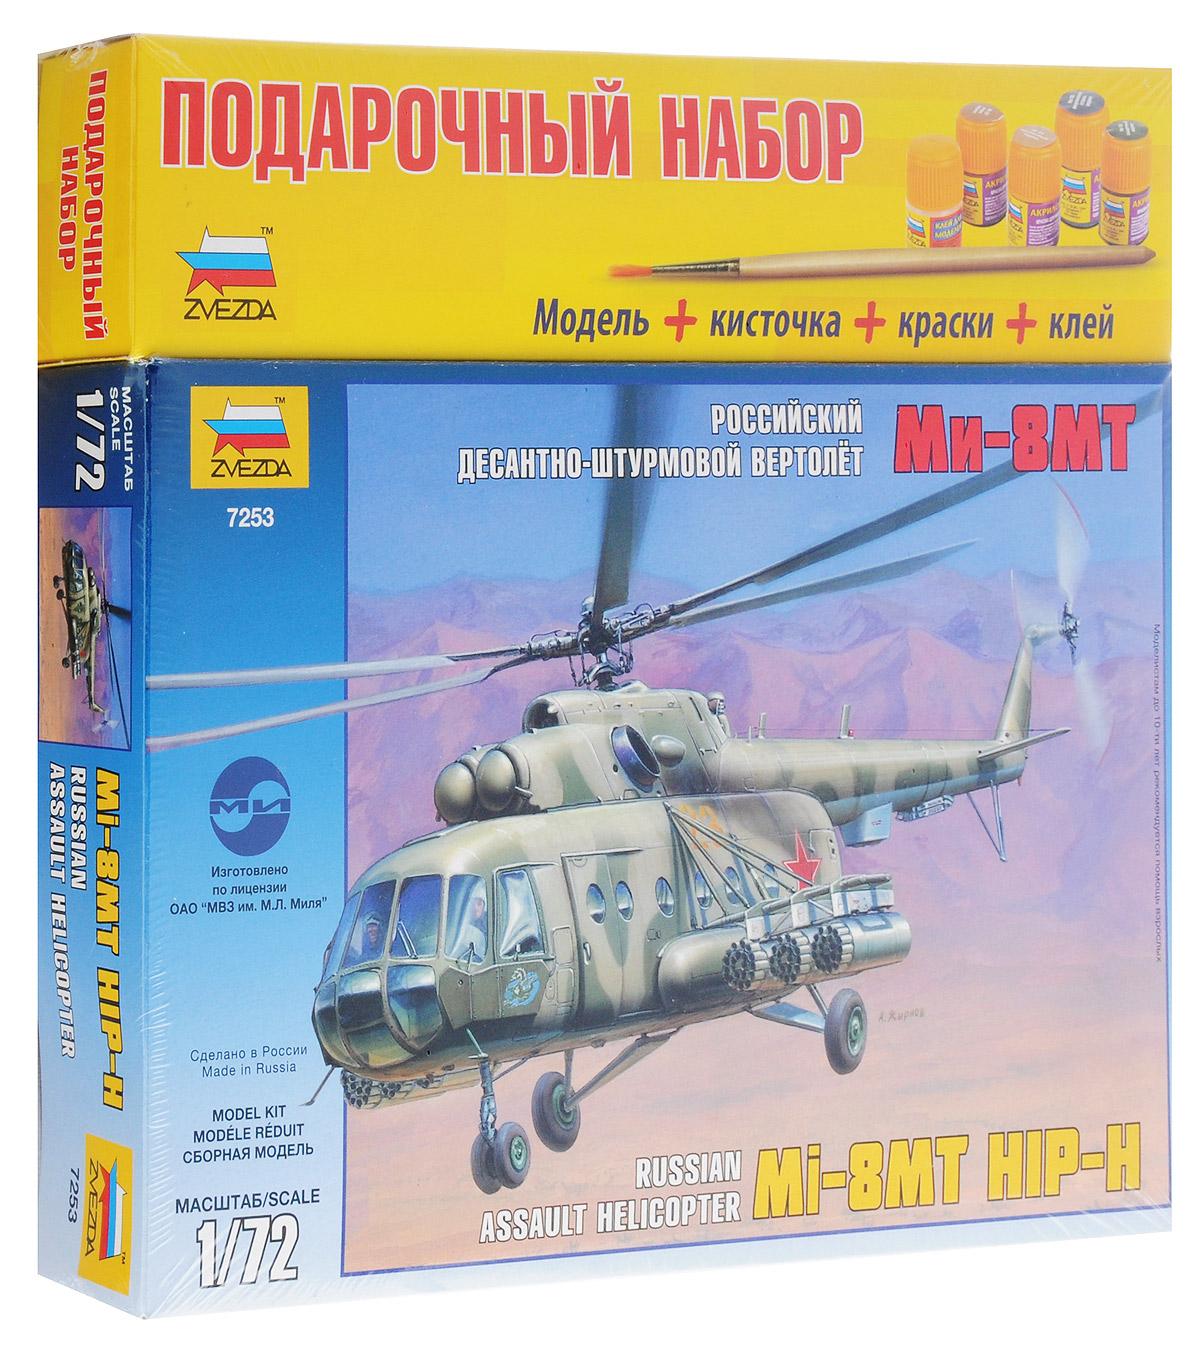 Звезда Набор для сборки и раскрашивания Десантно-штурмовой вертолет Ми-8МТ7253С помощью сборной модели Звезда Десантно-штурмовой вертолет Ми-8МТ вы и ваш ребенок сможете собрать уменьшенную копию российского штурмового вертолета Ми-8МТ в масштабе 1:72. Набор включает в себя 178 пластиковых элементов для сборки вертолета, а также схематичную инструкцию. Характер боев в Афганистане выявил острую зависимость войск от вертолетов. В связи с этим в начале 80-х годов КБ Миля модернизировало свой известный вертолет Ми-8. Машину оснастили новыми двигателями с взлетной мощностью по 1900 л.с. и усовершенствовали многие элементы конструкции. Скорость полета возросла до 250 км/ч, потолок - до 5000 м, дальность - до 500 км. Возросшая энерговооруженность позволила значительно усилить огневую мощь за счет увеличения бортового навесного вооружения, а также увеличить маневренность машины, что особенно важно в условиях боев в горах. Процесс сборки развивает интеллектуальные и инструментальные способности, воображение и конструктивное мышление, а также прививает...